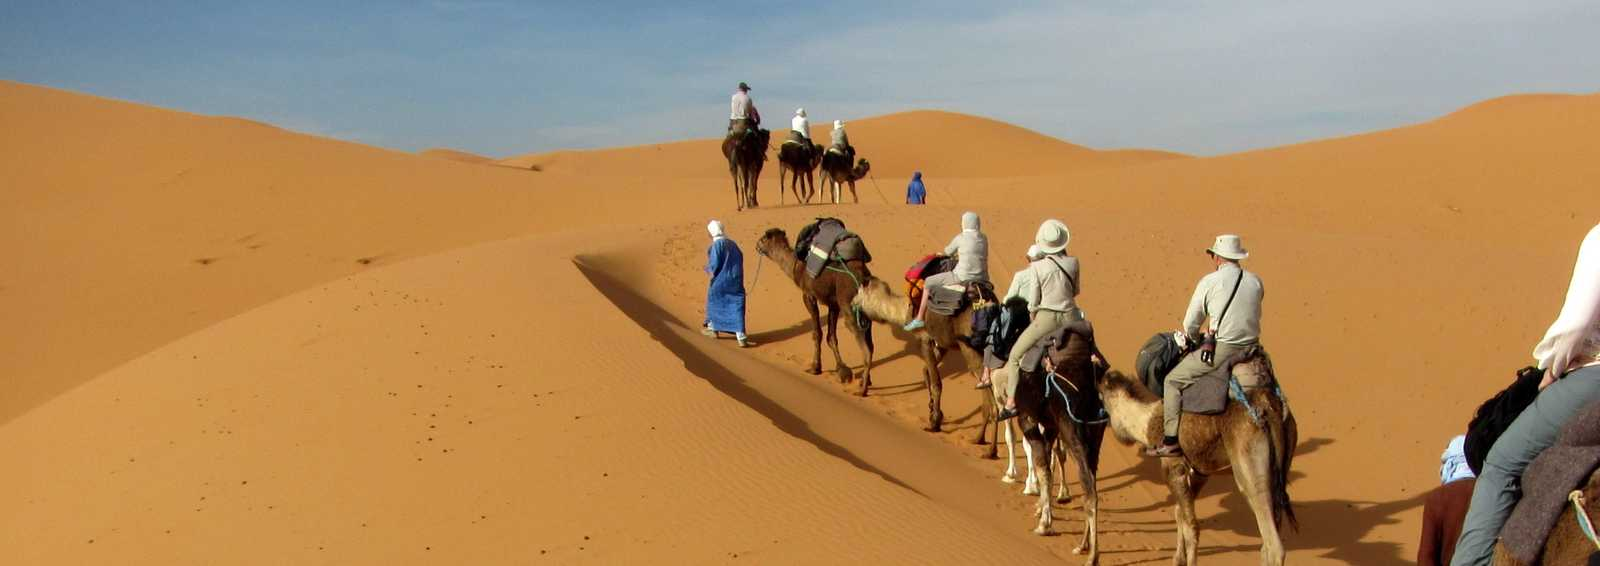 Camel ride in the Sahara Desert, Morocco